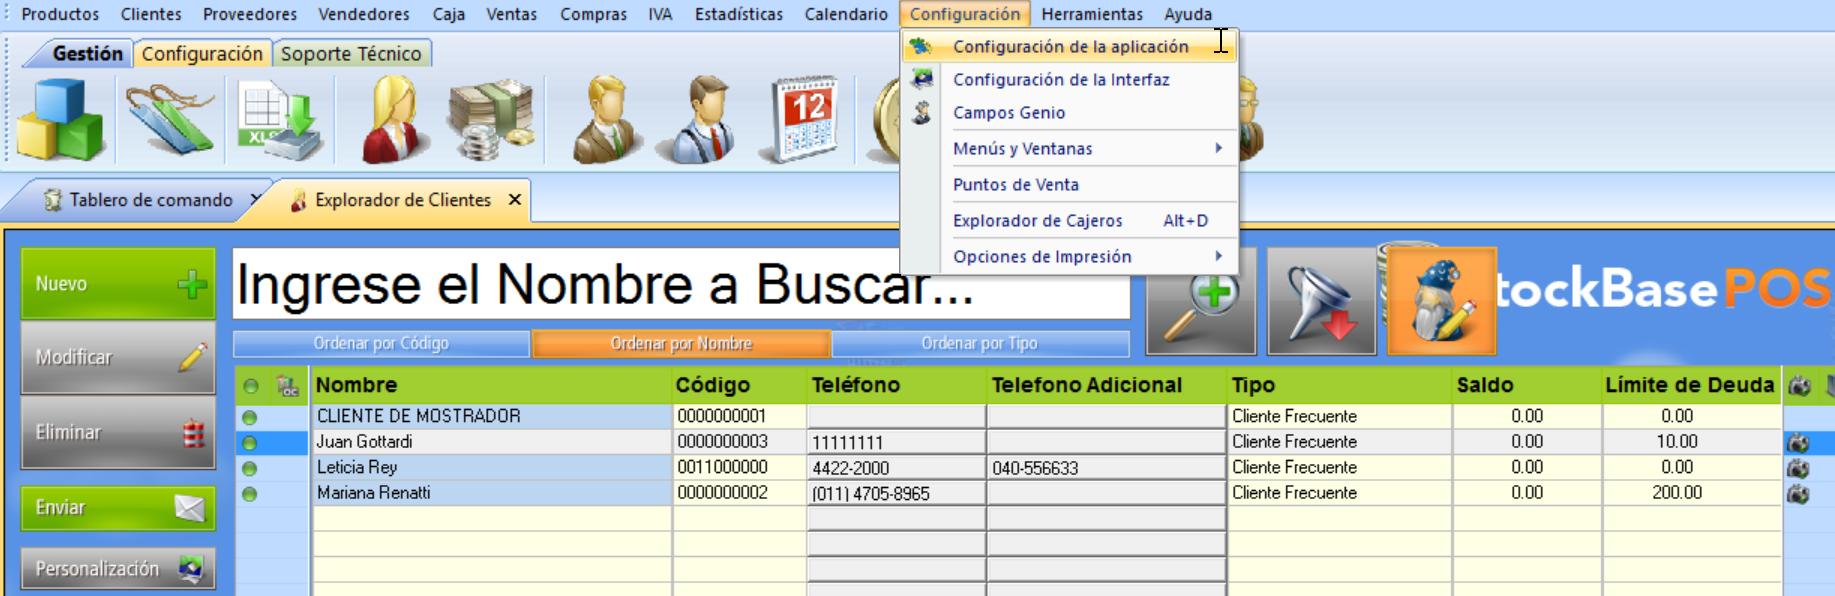 Menu configuración de la aplicación sistema facturacion